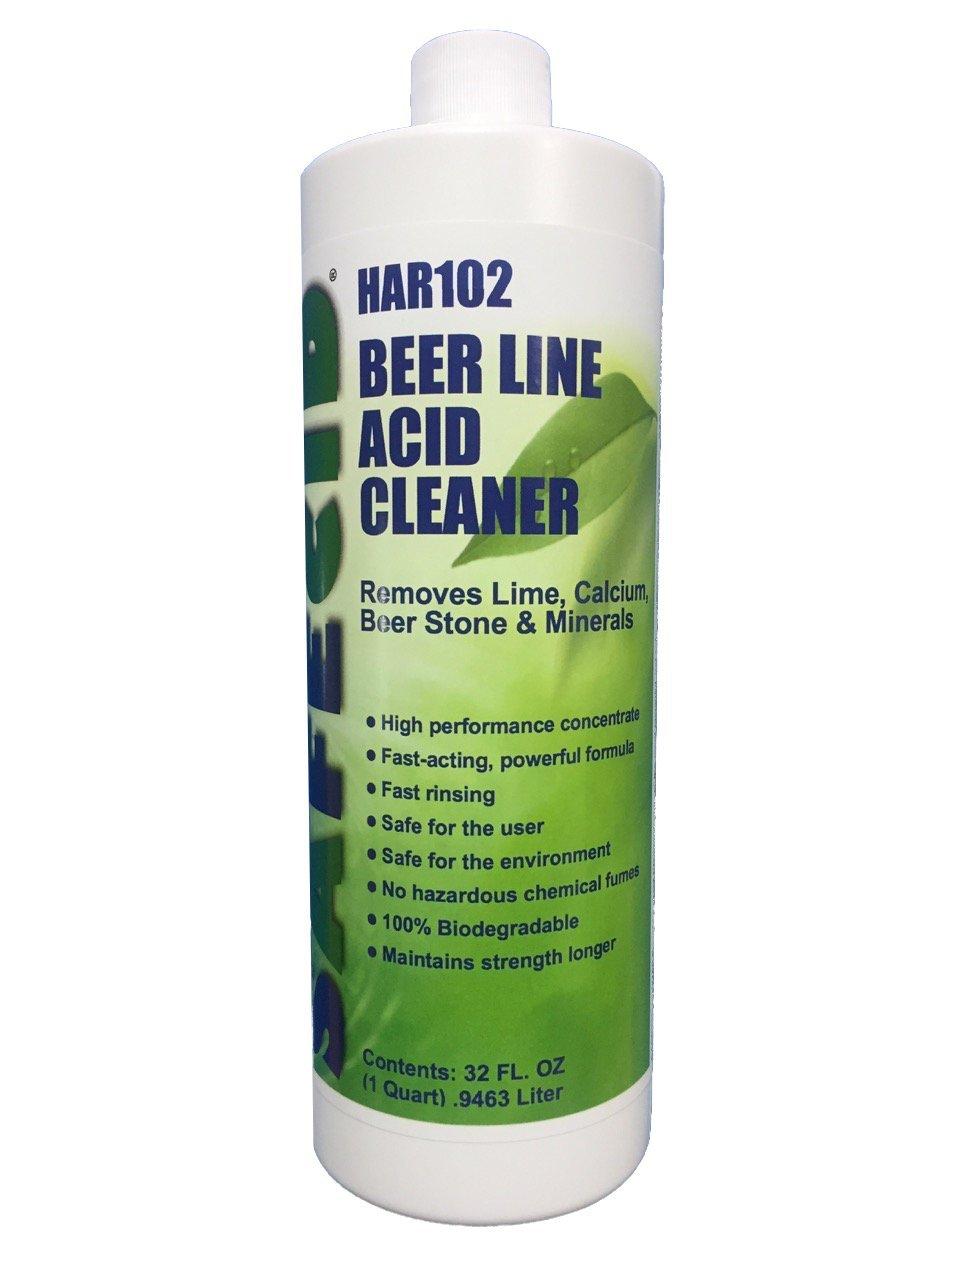 SAFECID Beer Line Acid Cleaner